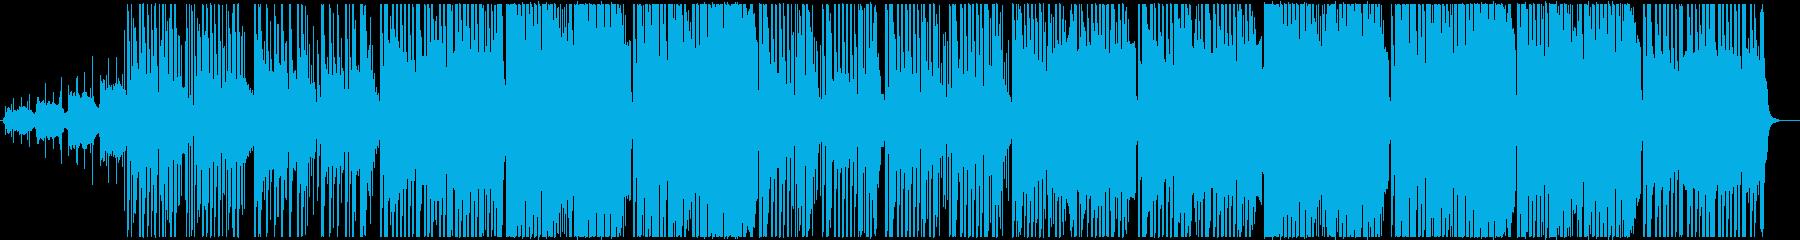 アンビエントなダウンテンポの再生済みの波形